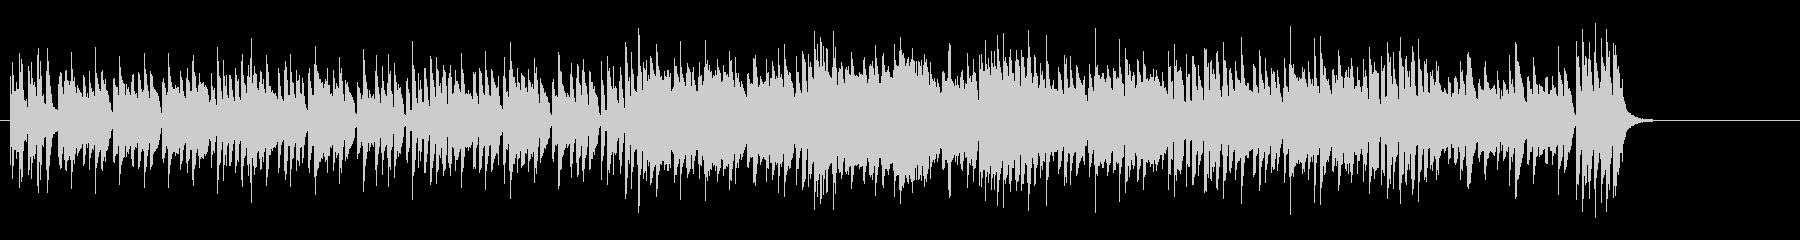 デジタル色の濃いエレクトリック・ポップの未再生の波形